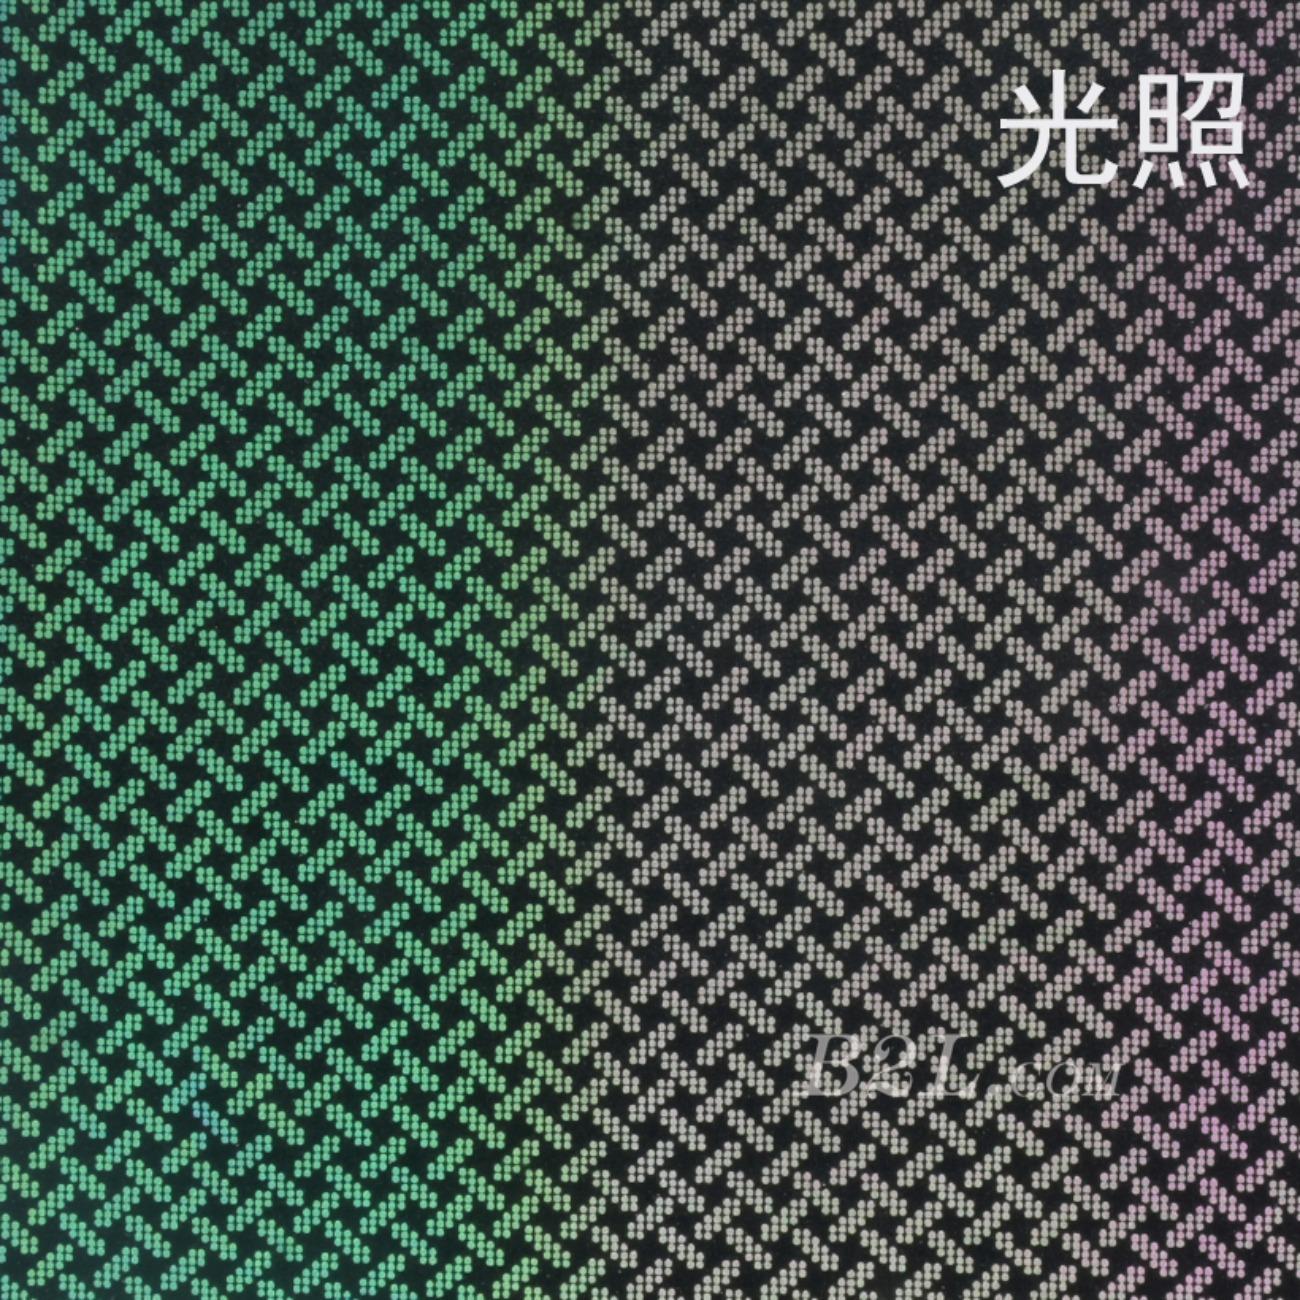 印花 涂层 七彩 渐变 春秋 时装 连衣裙 运动服 90617-27